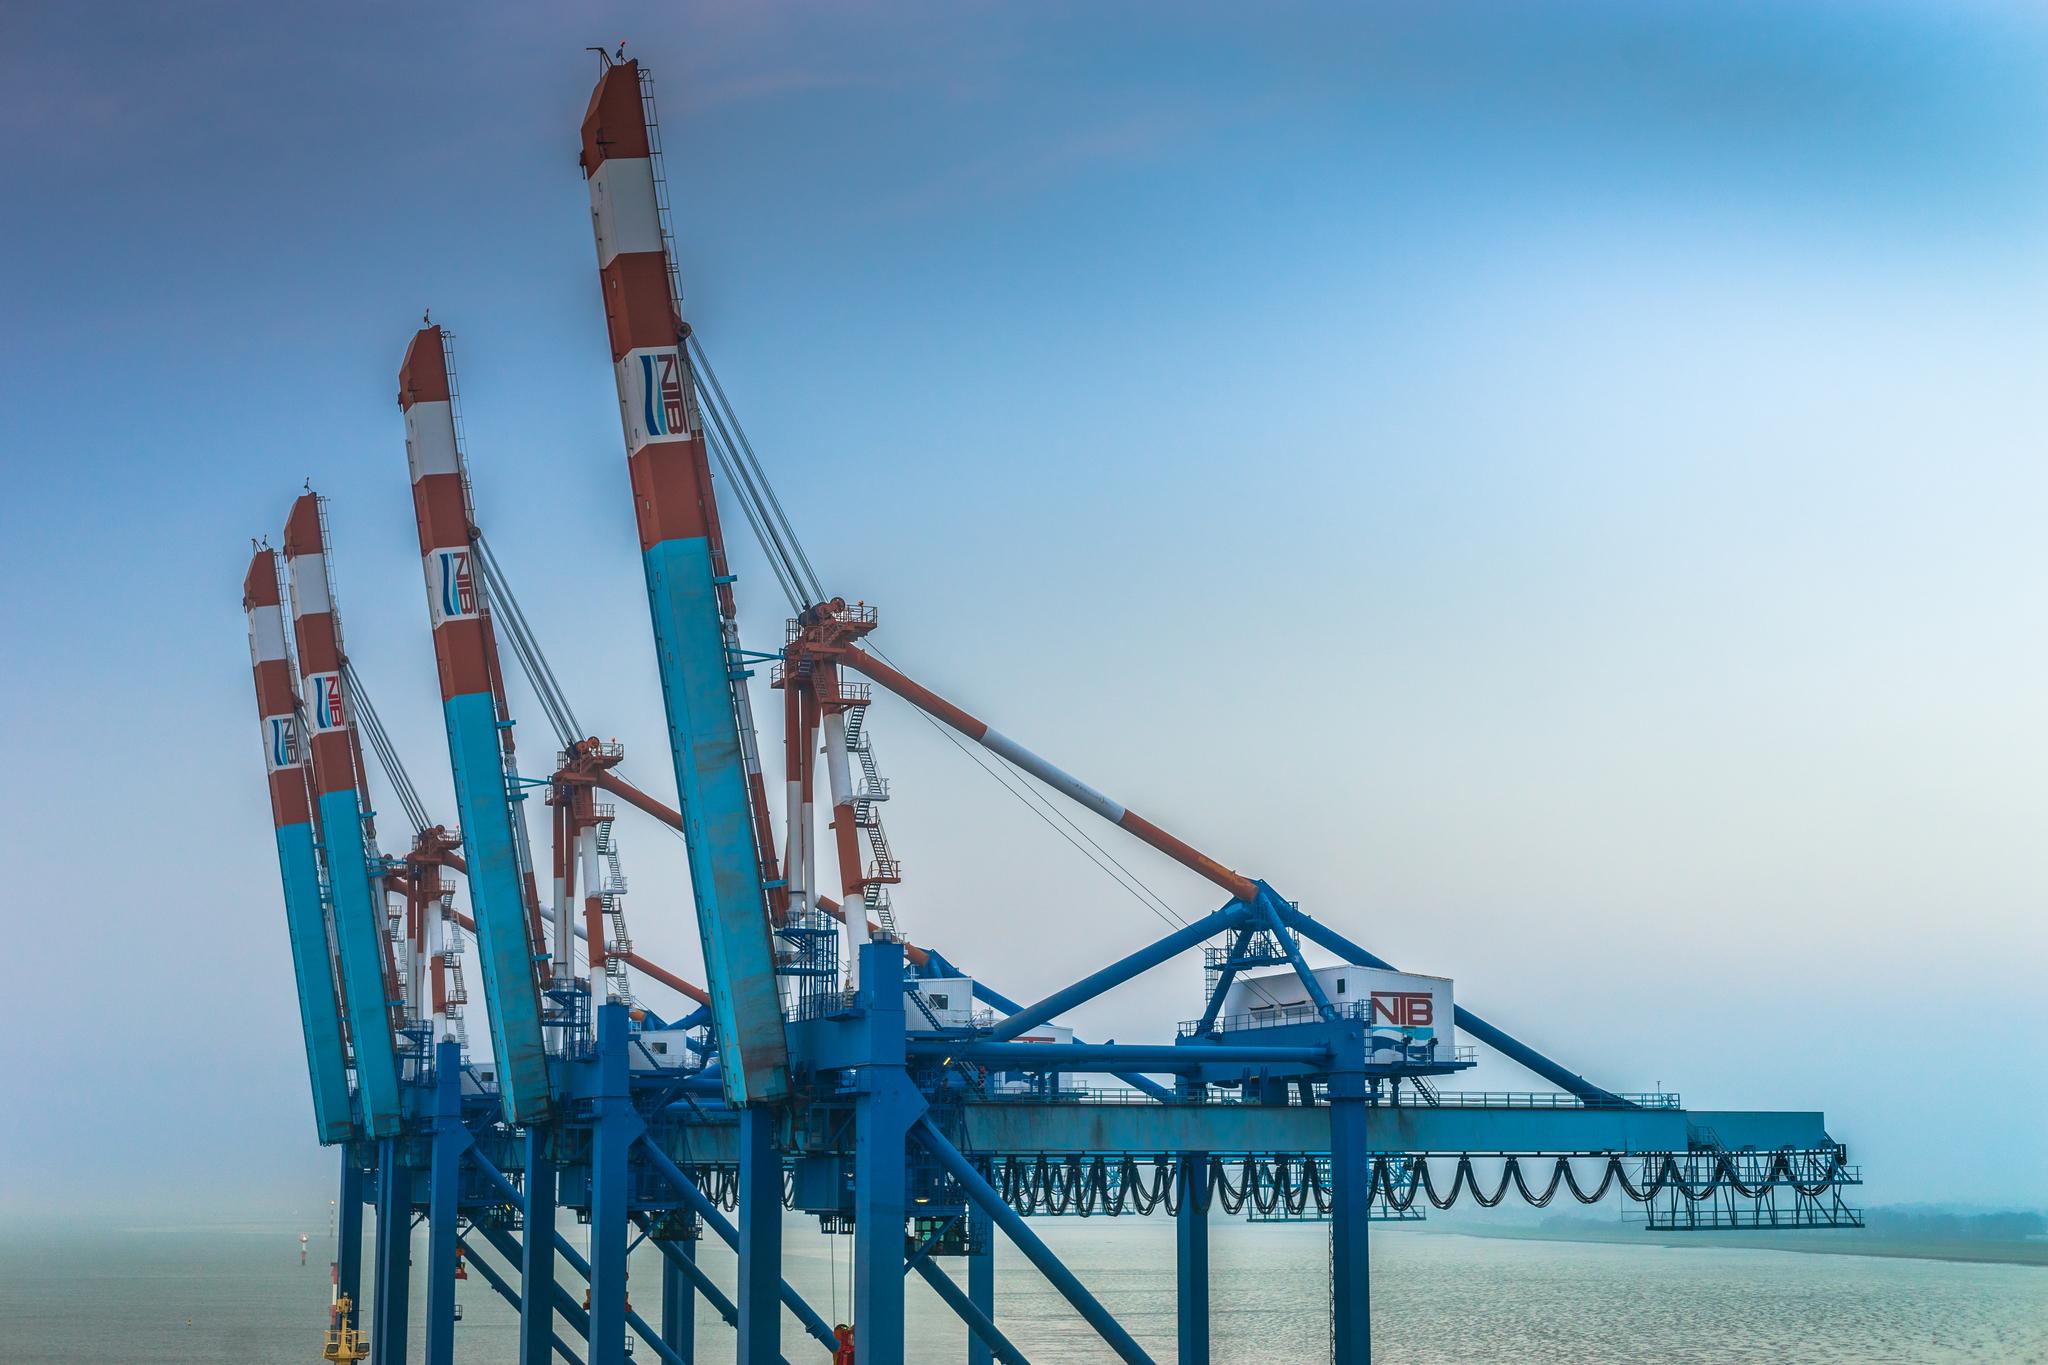 Widok z mostka Mayview Maersk na suwnice pracujące na terminalu NTB w Bremerhaven (fot. Robert Urbaniak)